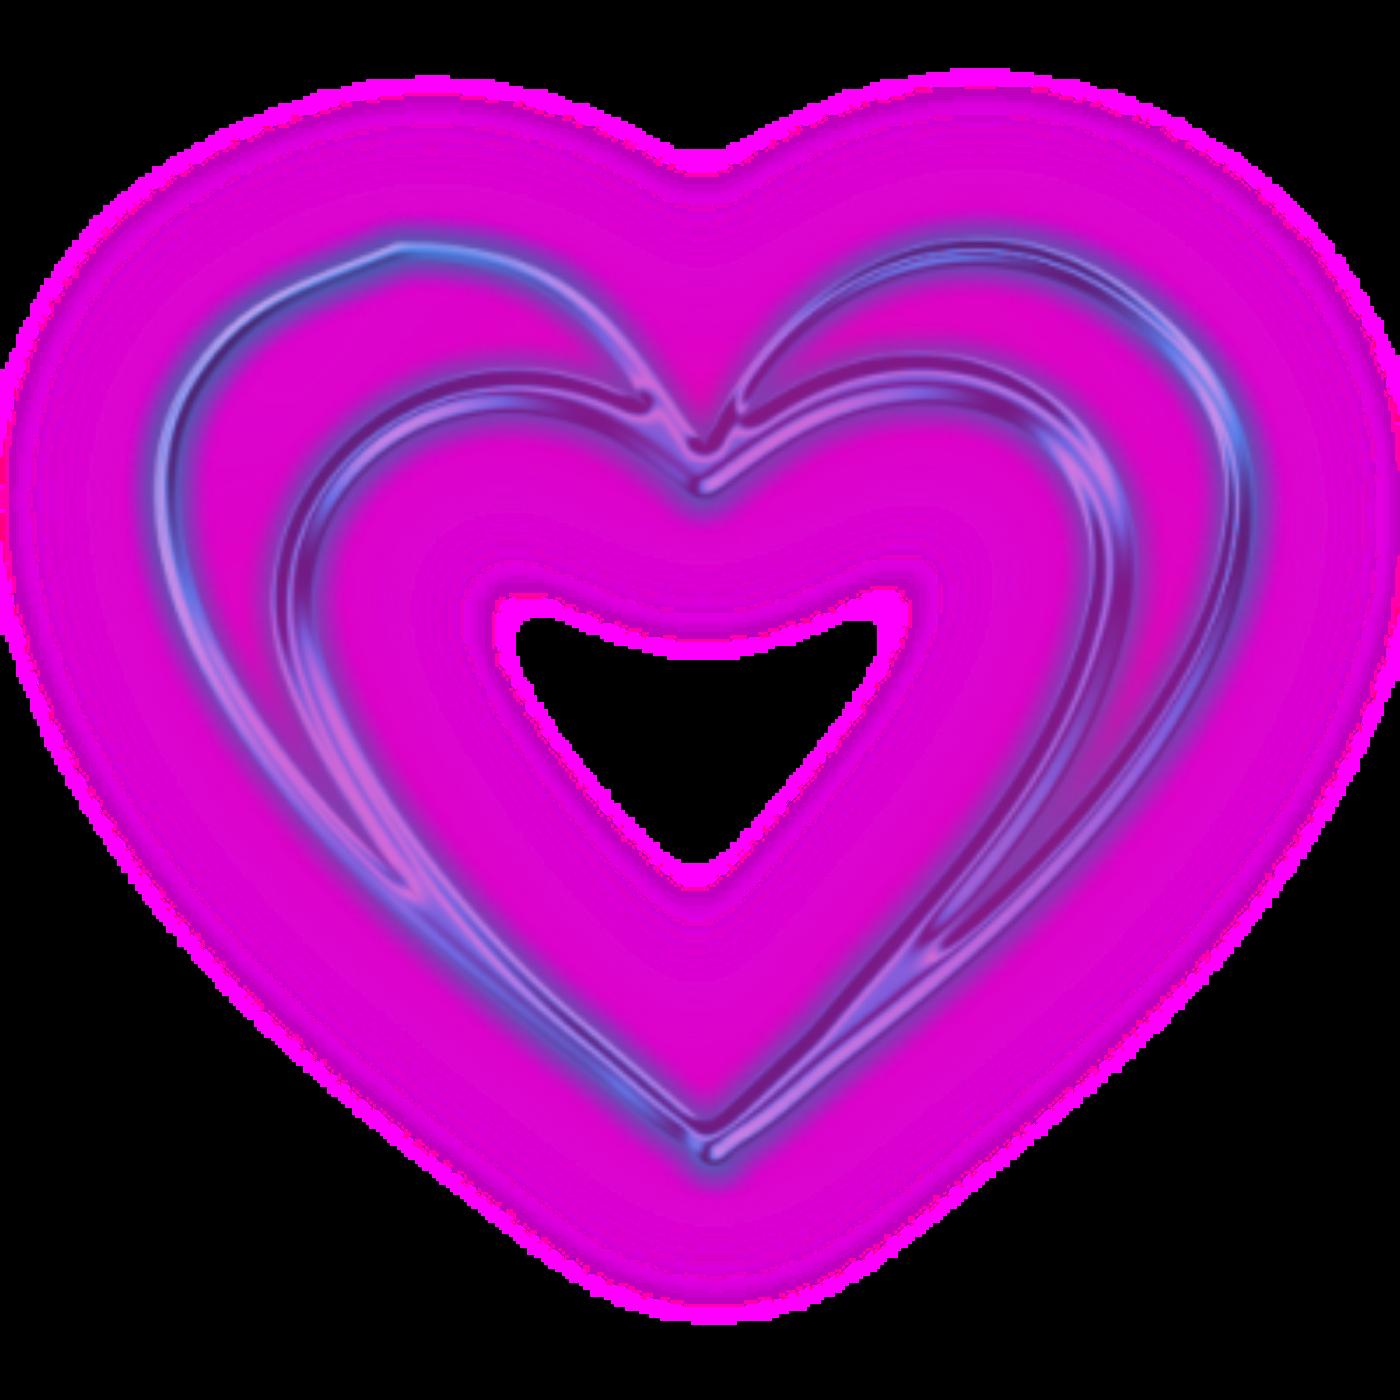 Открытка, картинки фиолетовое сердце